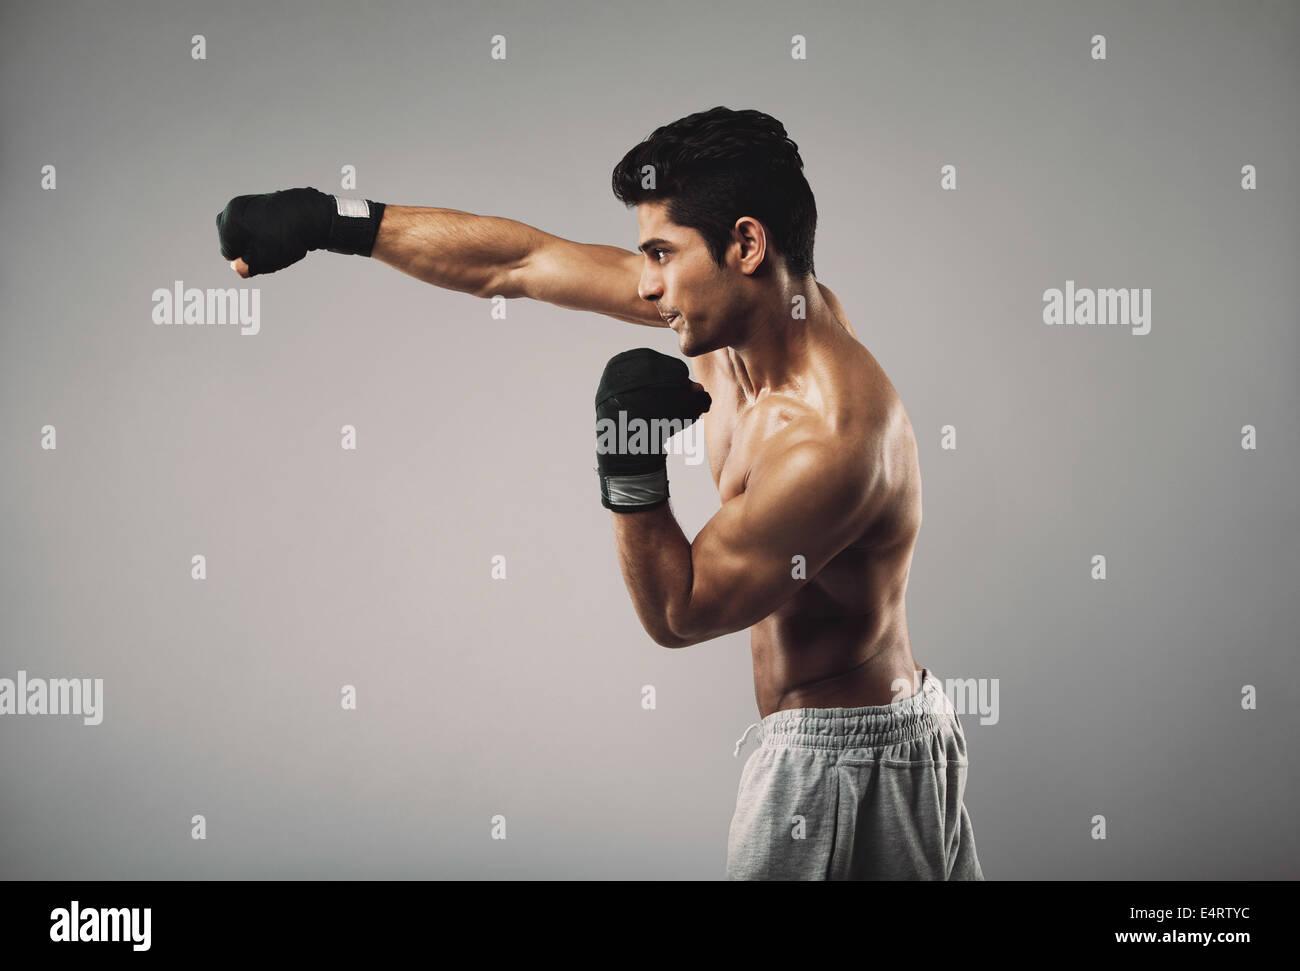 Ver perfil de joven practicando shadowboxing sobre fondo gris. Joven modelo masculino de trabajo muscular. Imagen De Stock